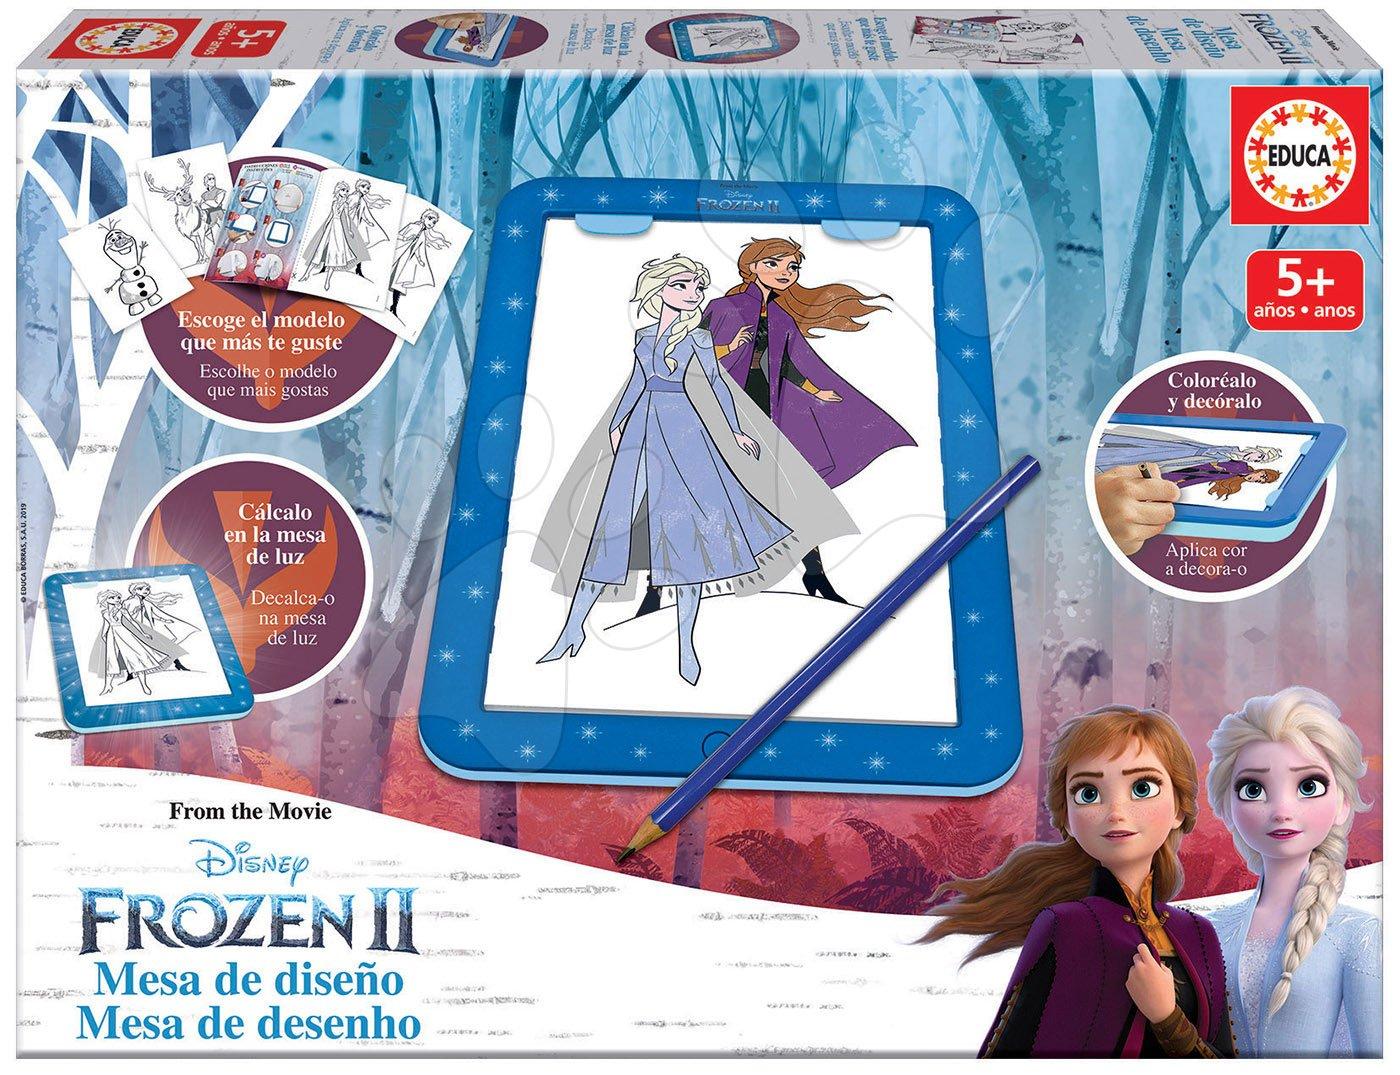 Kreslenie Frozen 2 Disney tablet Educa s predlohami a doplnkami pre deti od 5 rokov